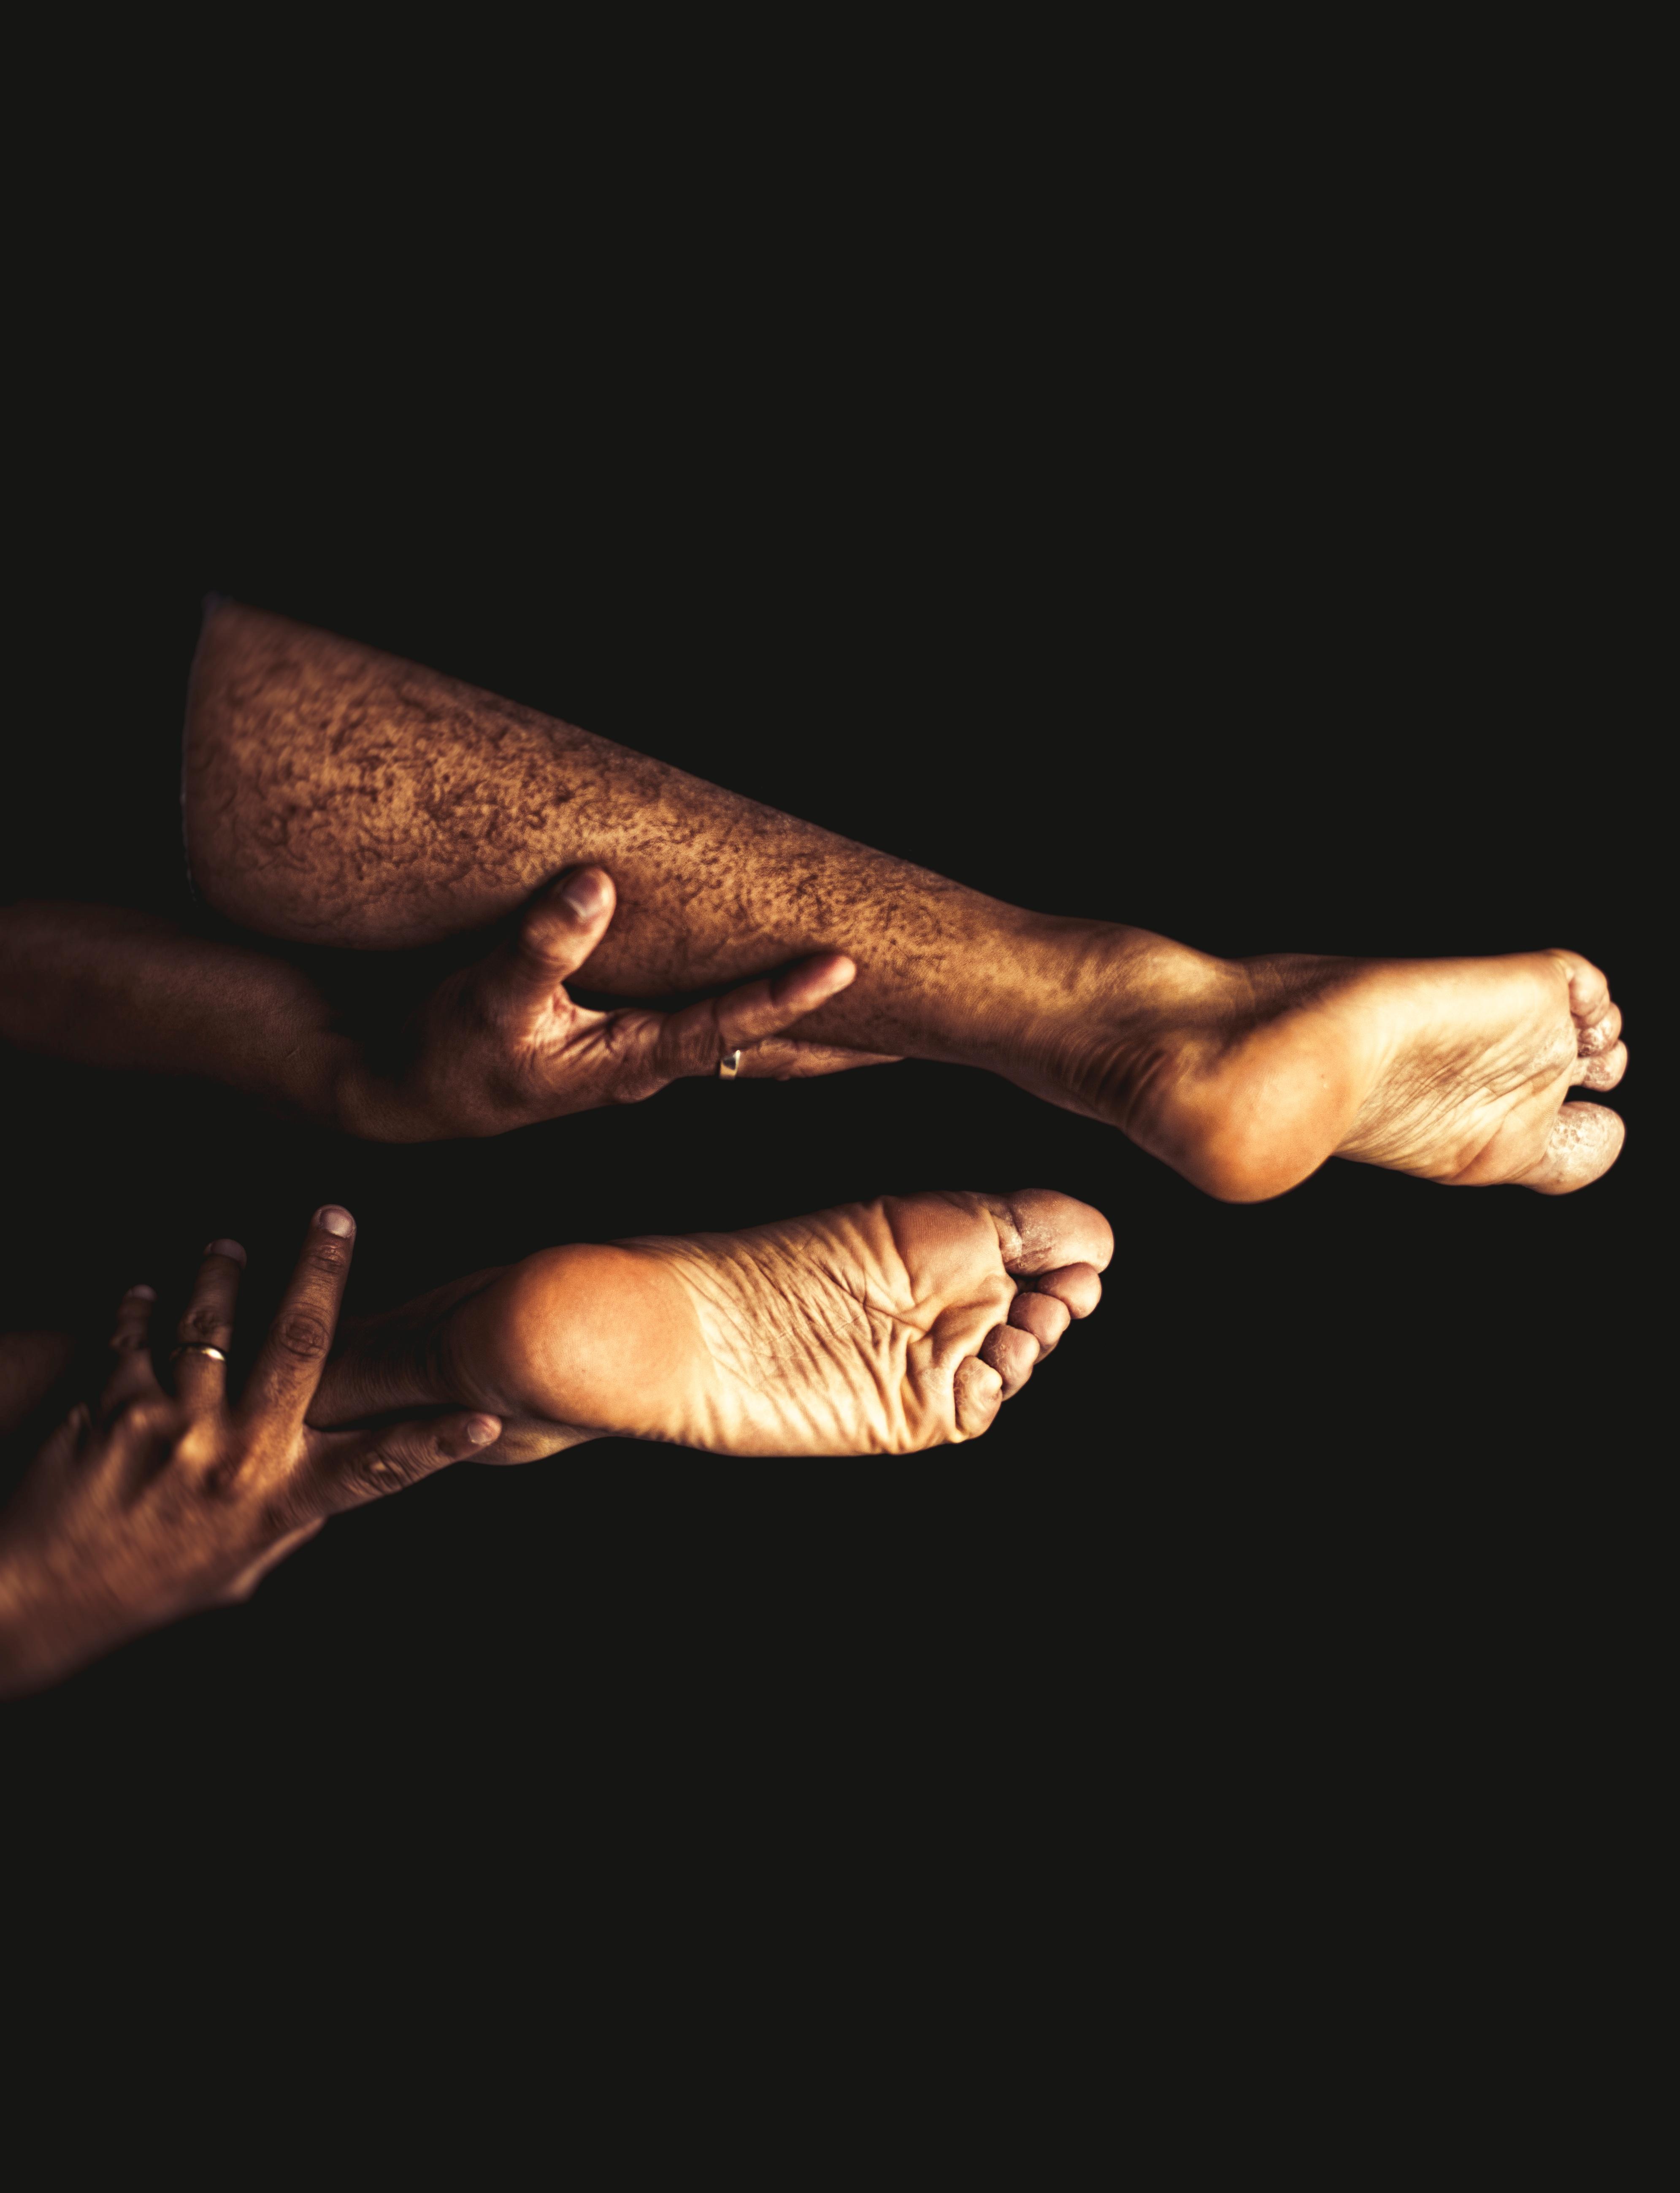 человек у которого нет не рук не ног в картинках закрытые многоместные